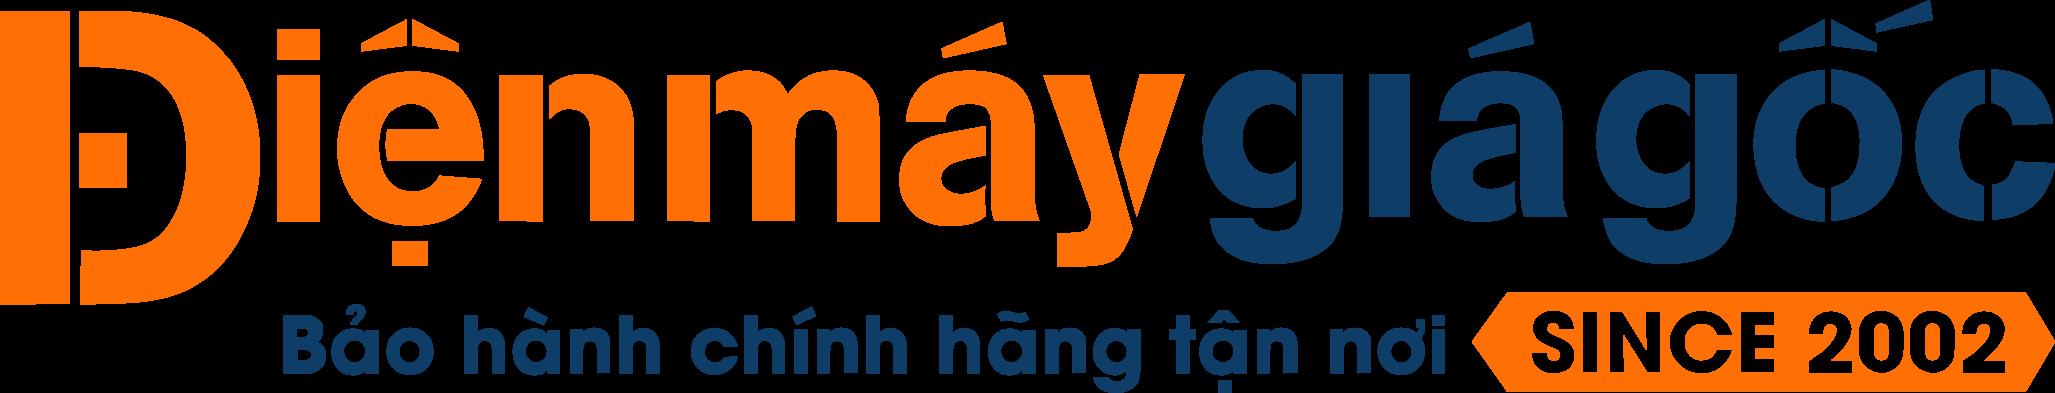 Điện Máy Giá Gốc